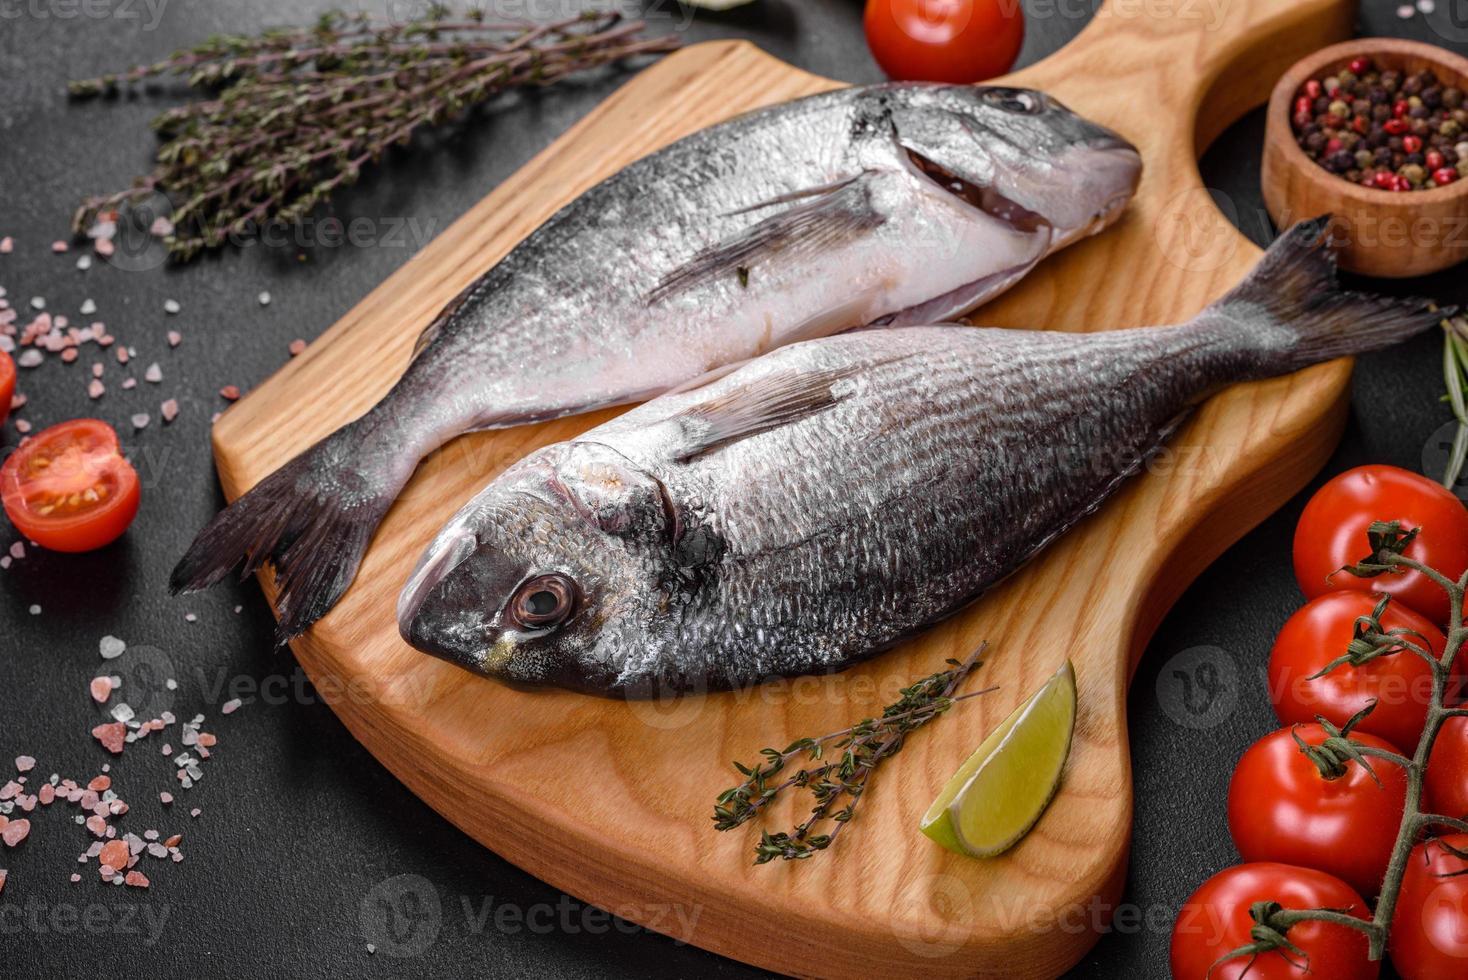 Pescado dorado crudo con especias para cocinar en la tabla de cortar. dorado de pescado fresco foto